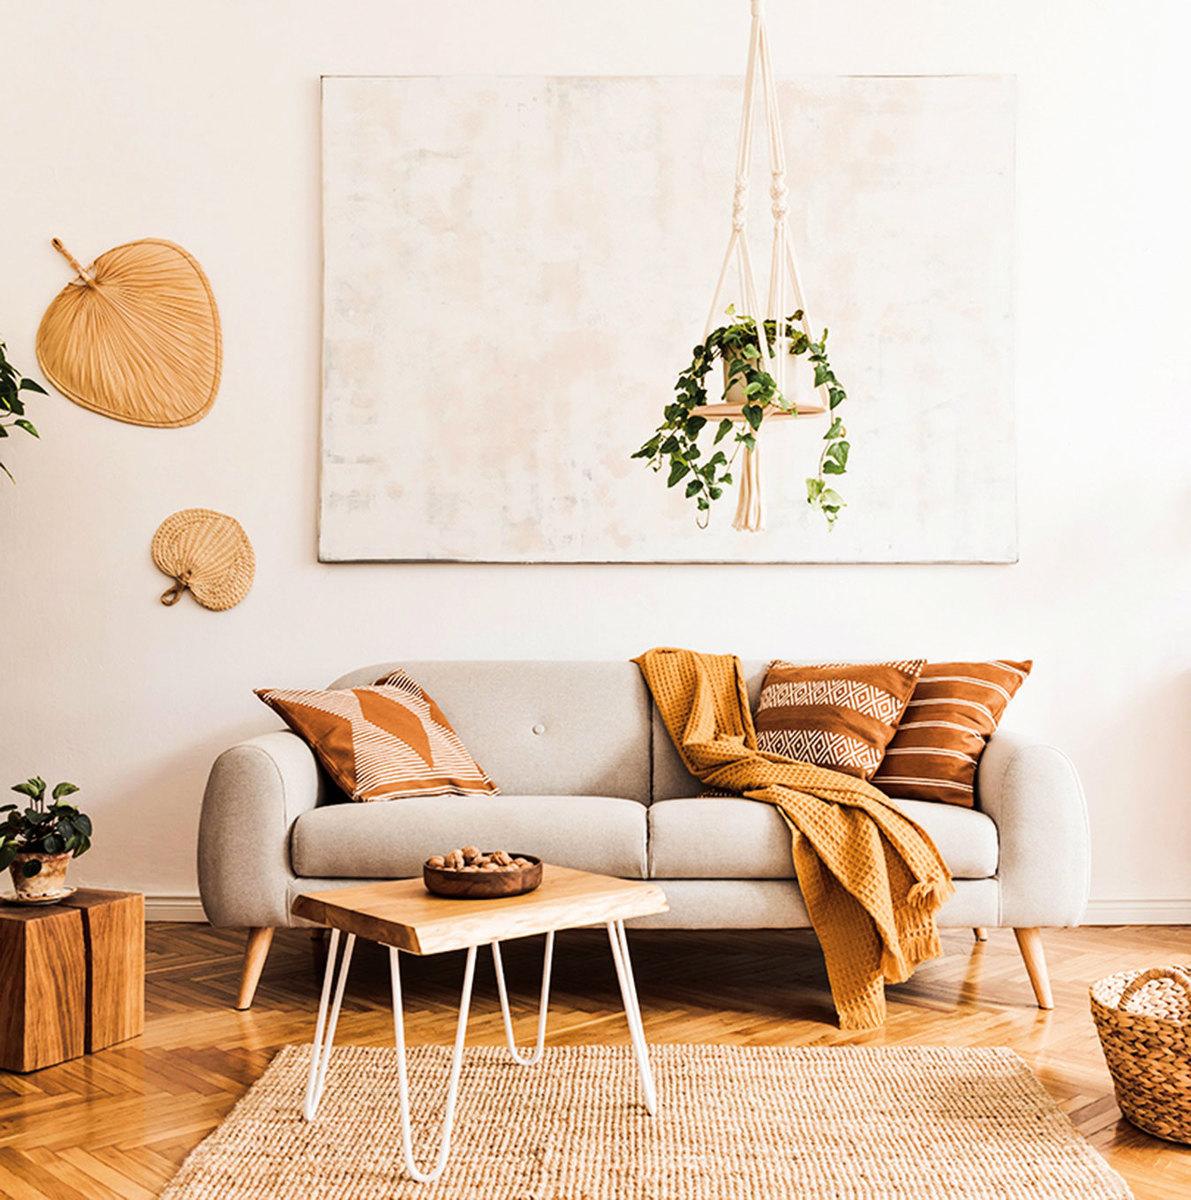 淺色的牆壁和沙發配上褐色系裝飾,就能營造出優雅的風情。(shutterstock)